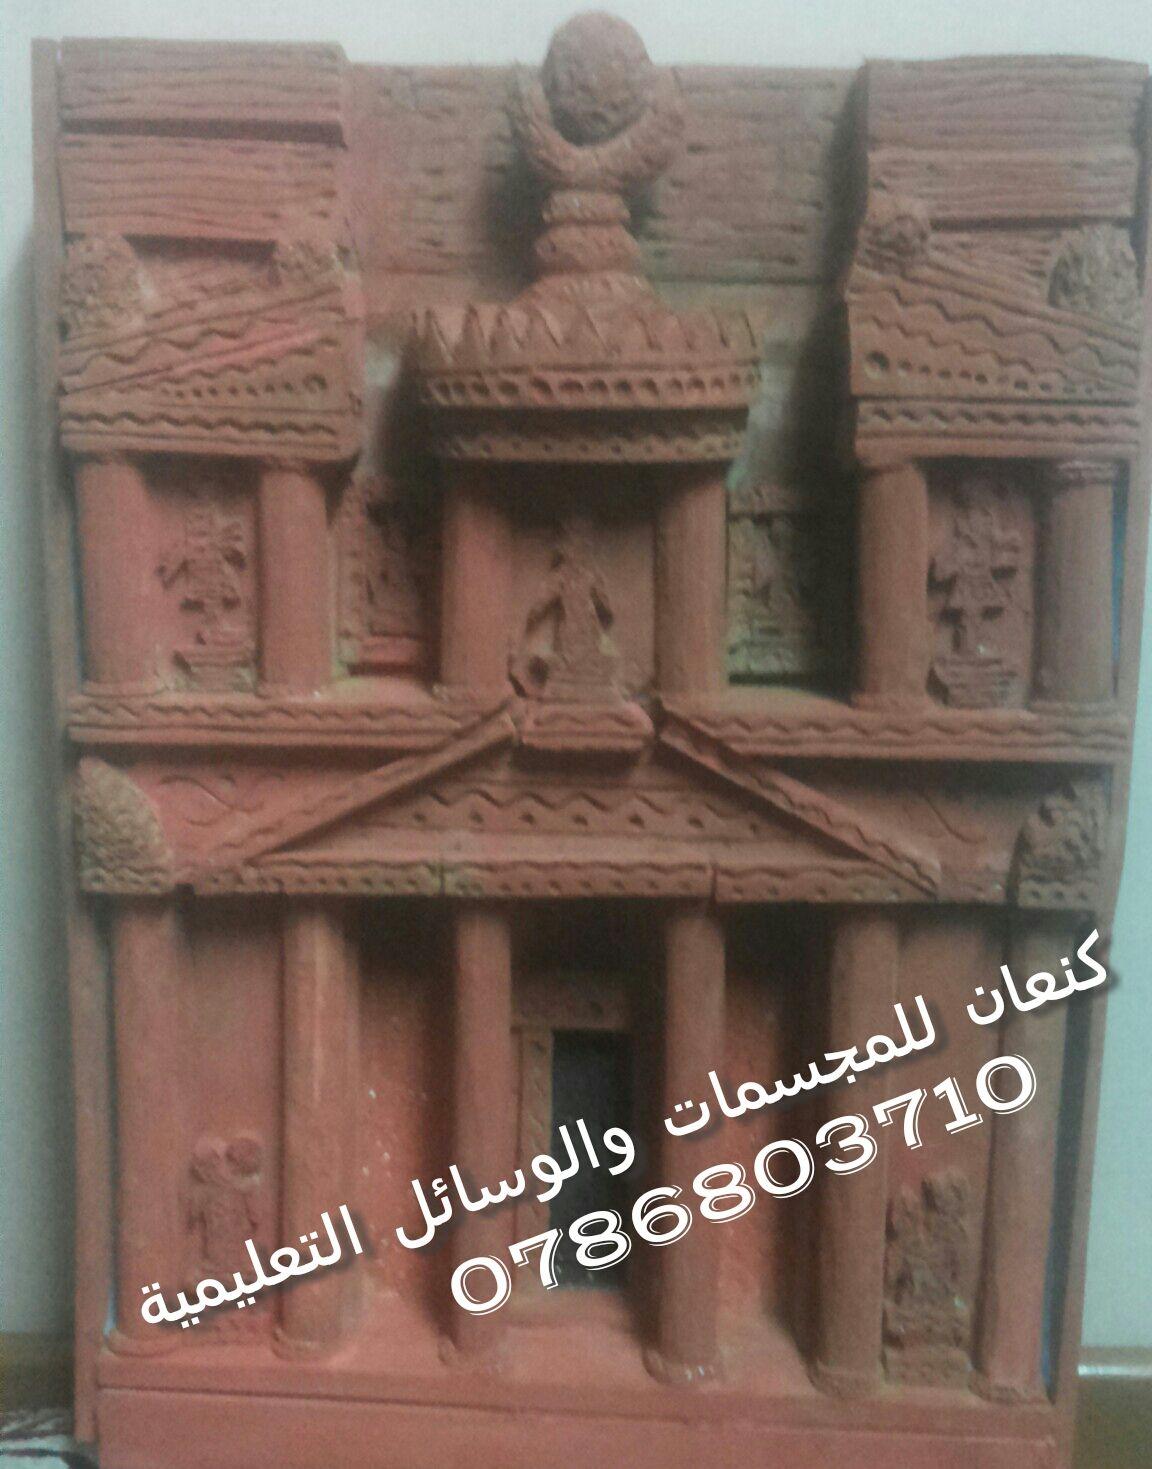 مجسم البتراء المدينة الوردية Arts And Crafts Crafts Art